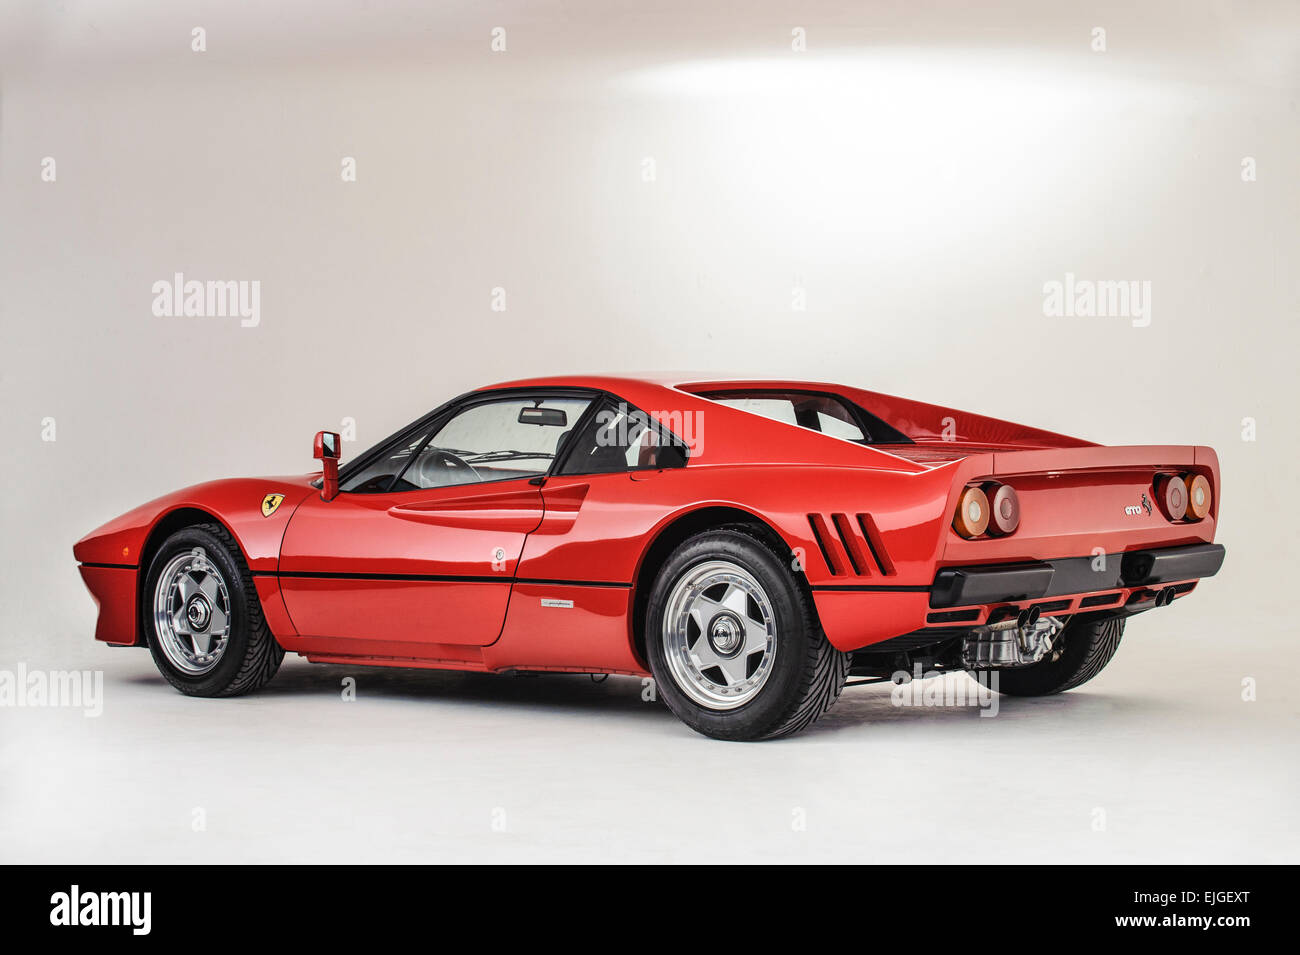 1985 Ferrari 288 GTO - Stock Image